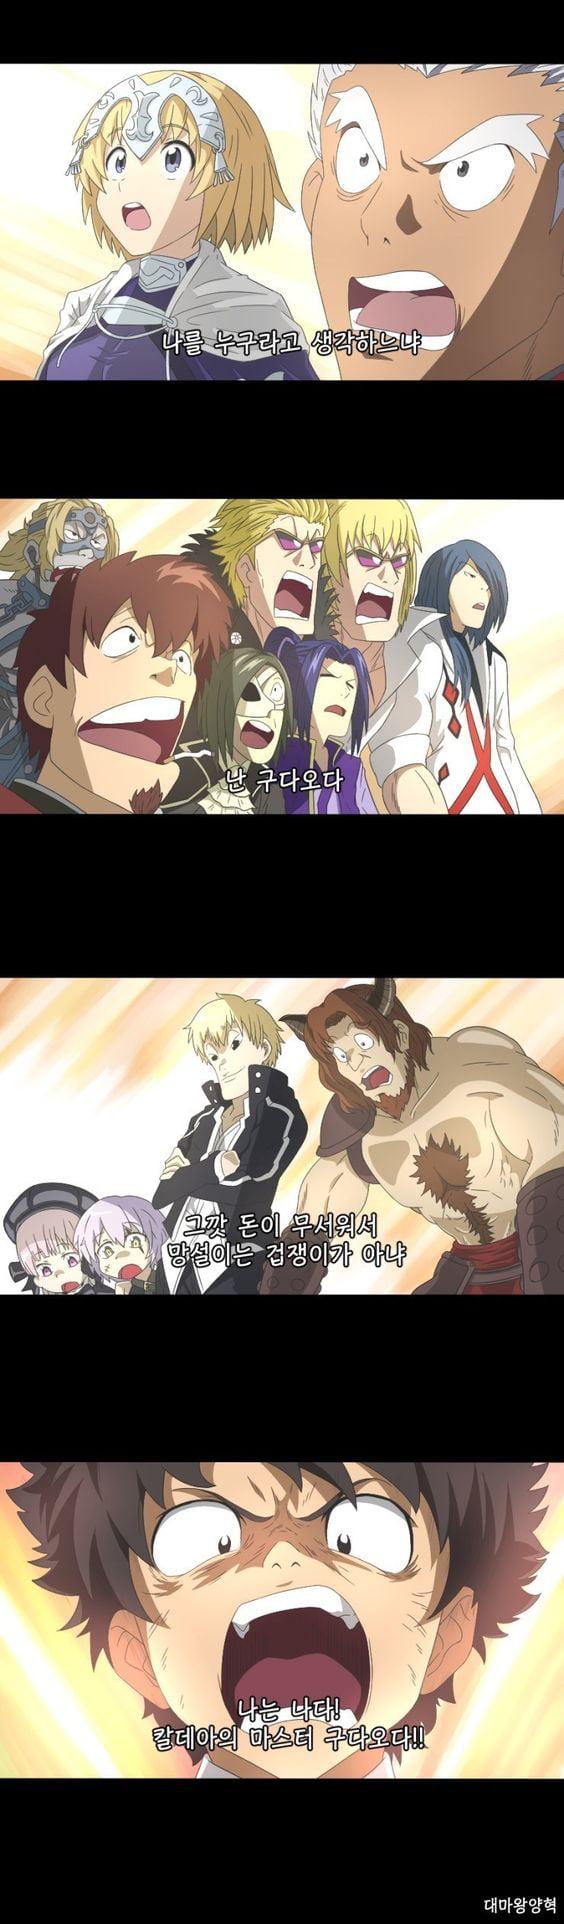 Boku no Fate Academia